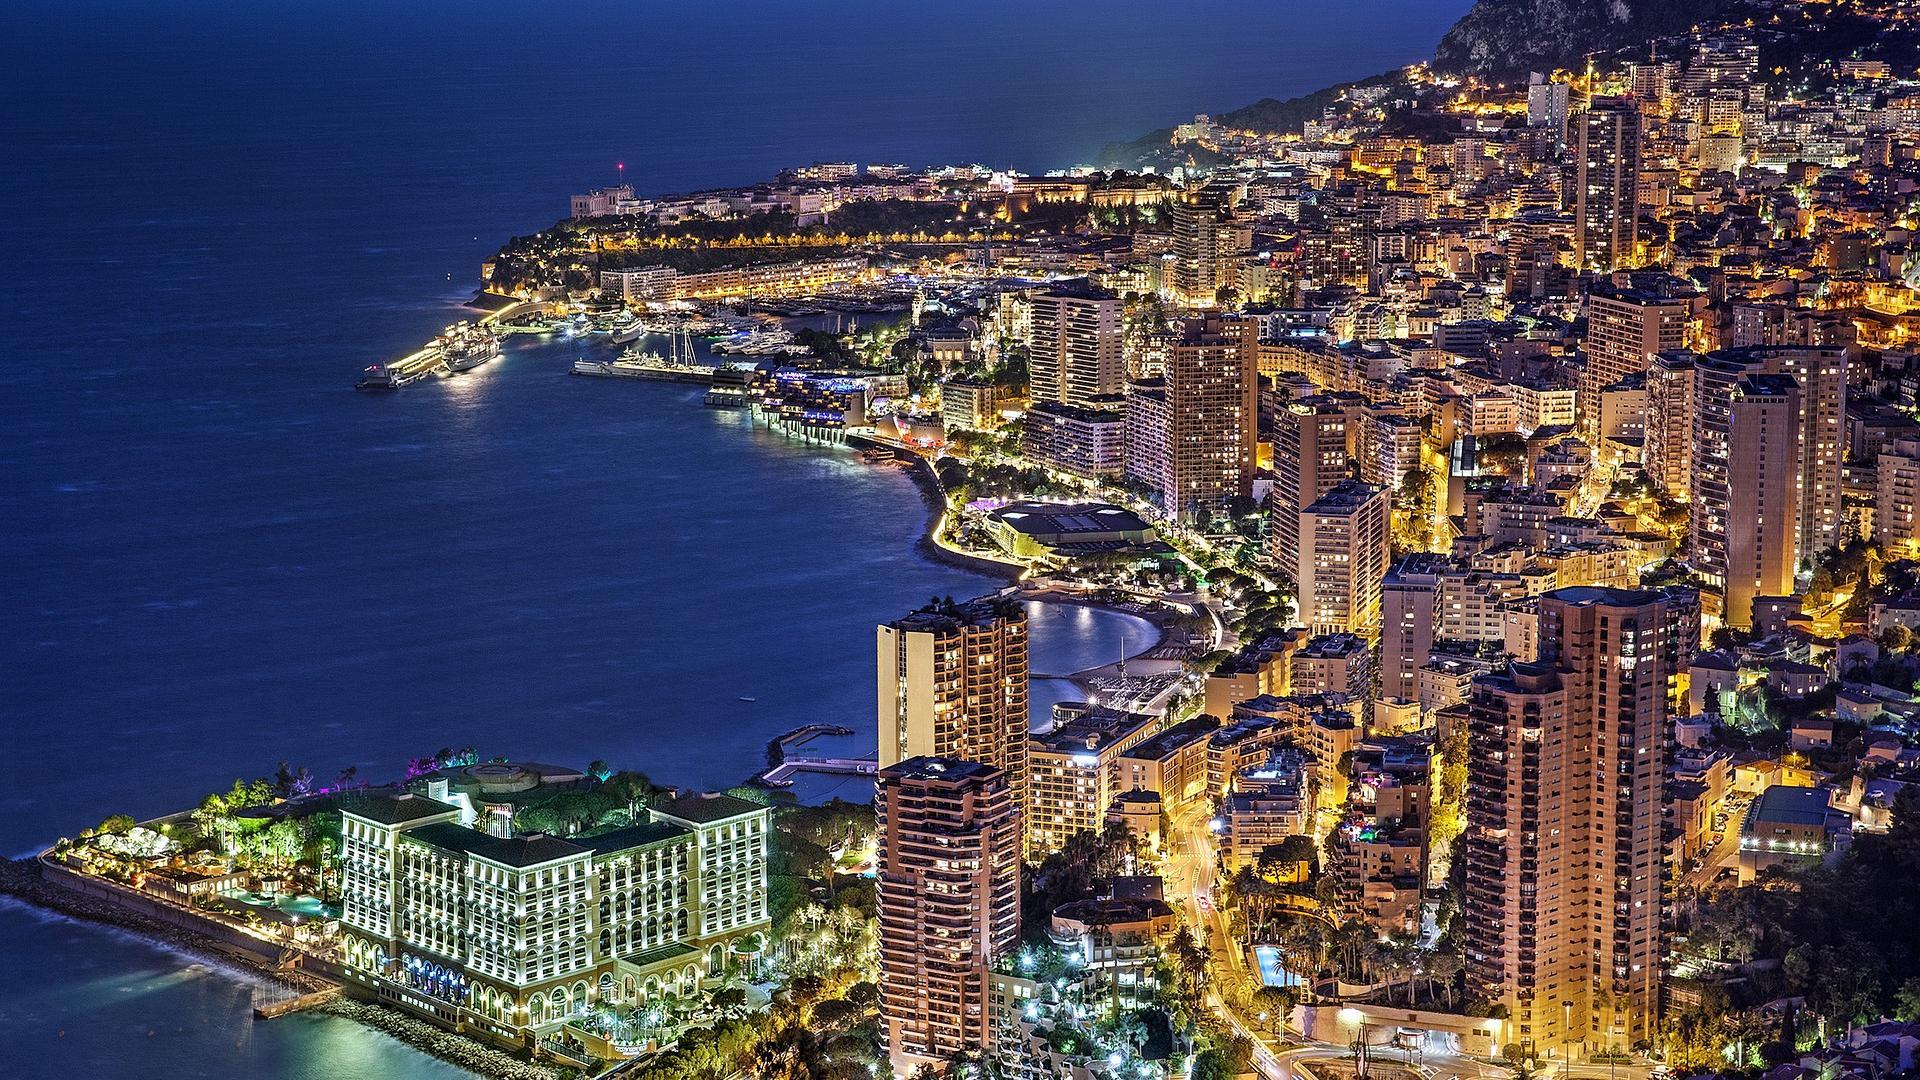 Der Stadtstaat Monaco an der französischen Küste